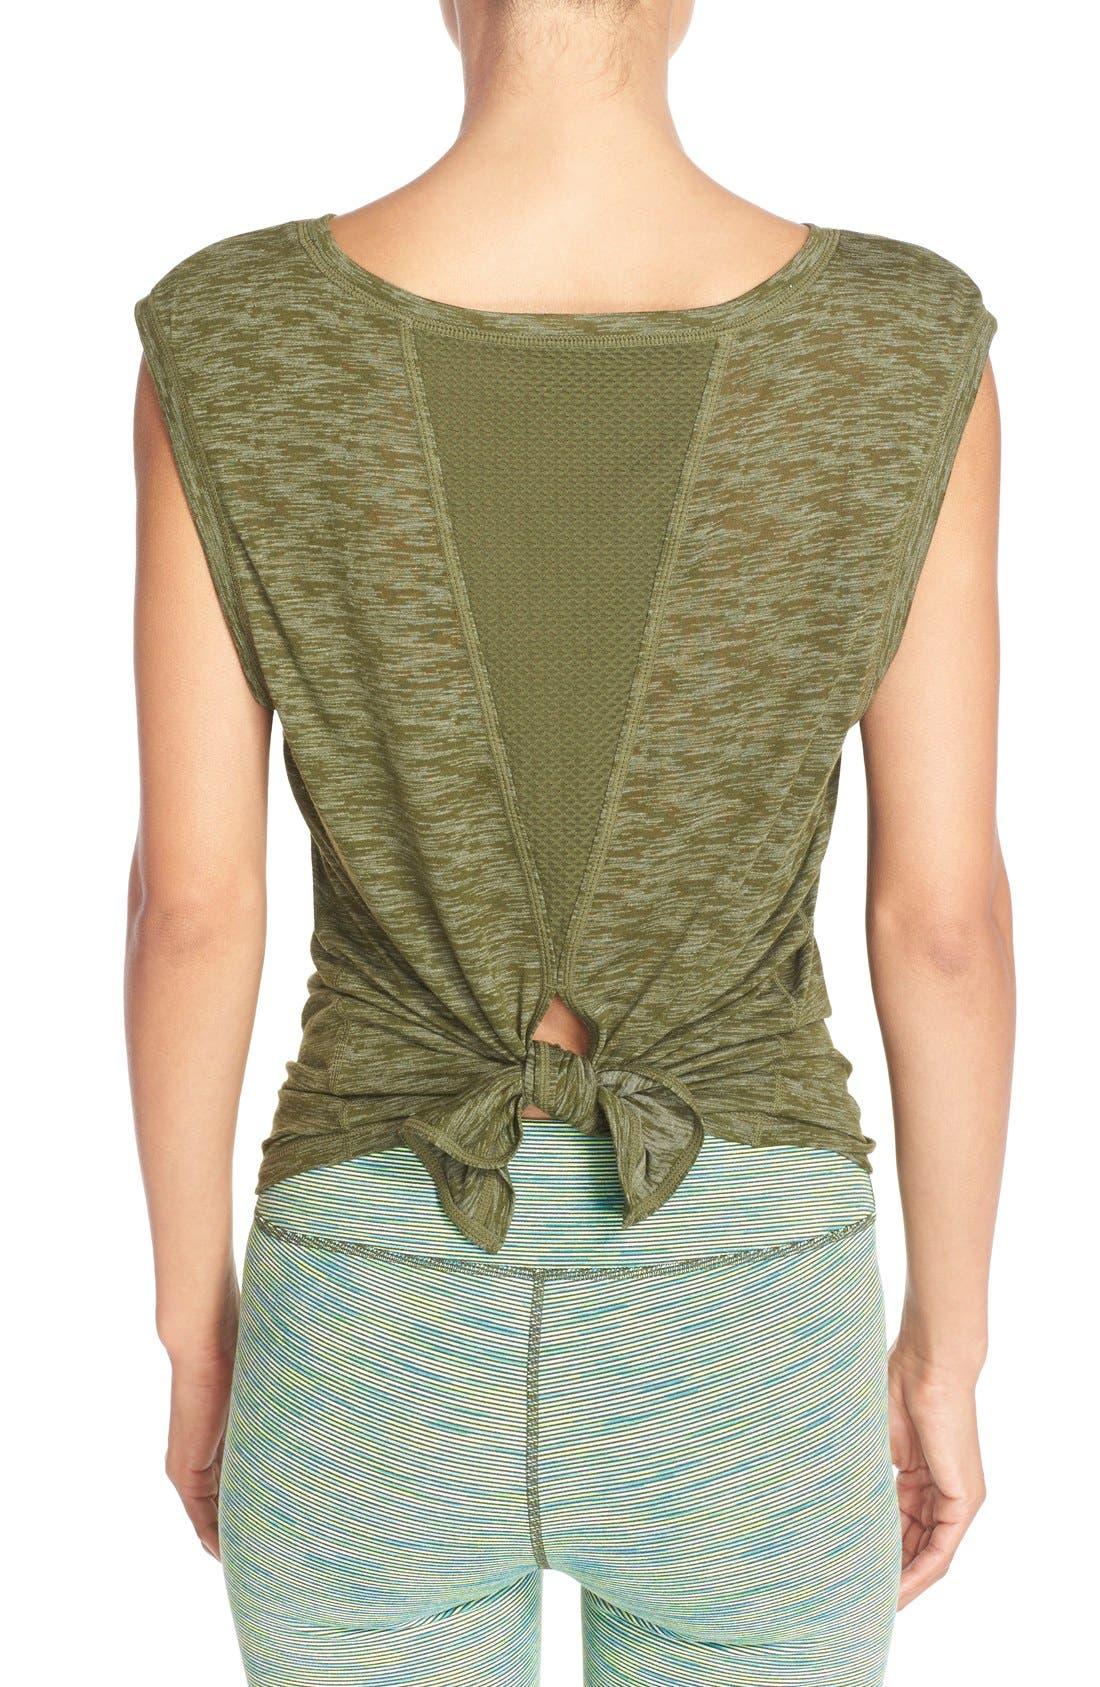 Alternate Image 1 Selected - Zella 'Luna' Convertible Tie Tee